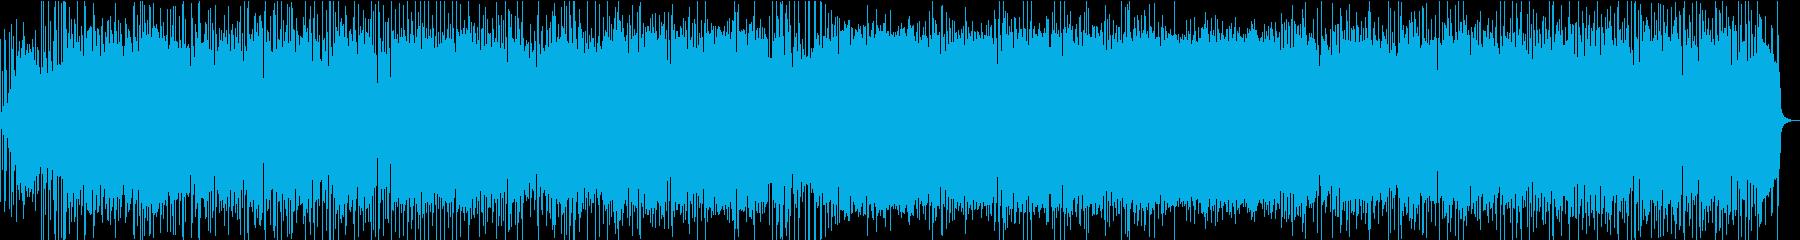 英詞サイケデリック・ファンク・ロックの再生済みの波形